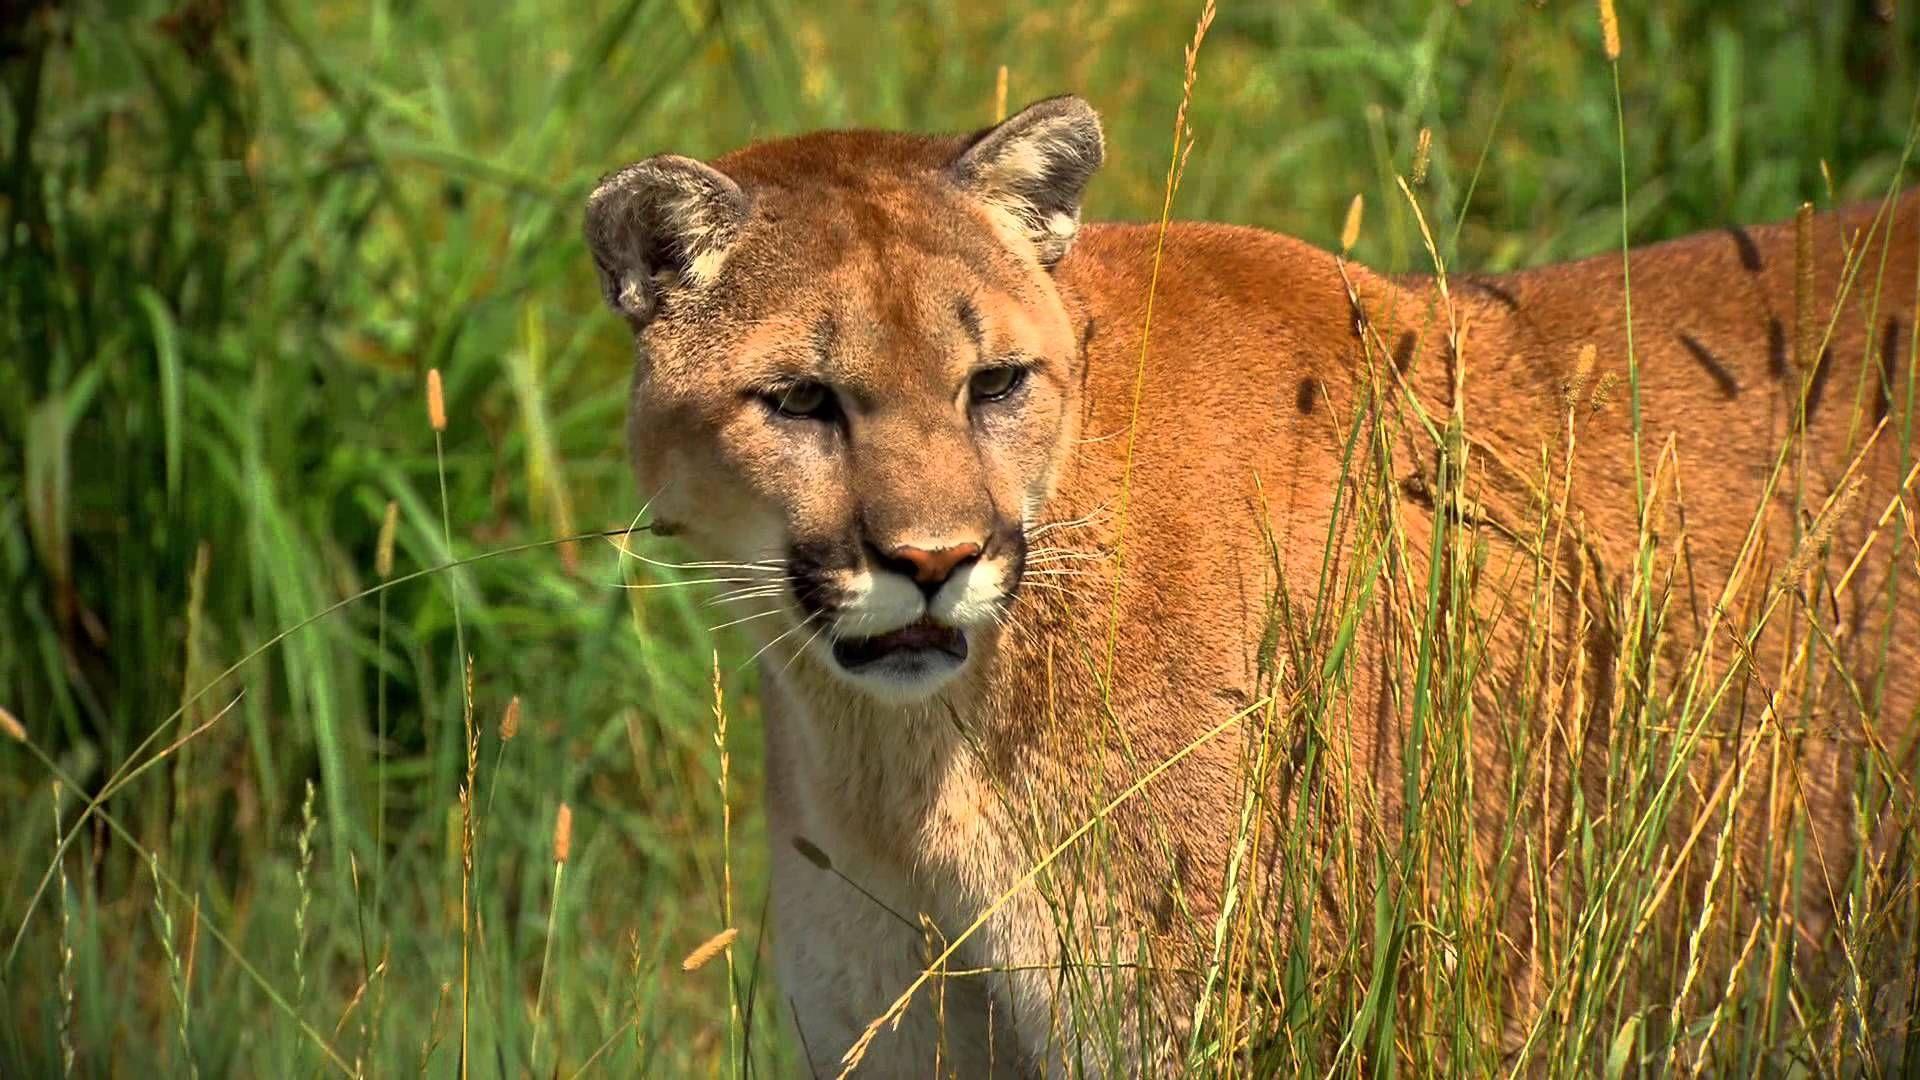 The Wildcat Sanctuary is a 501c3 nonprofit, nokill big